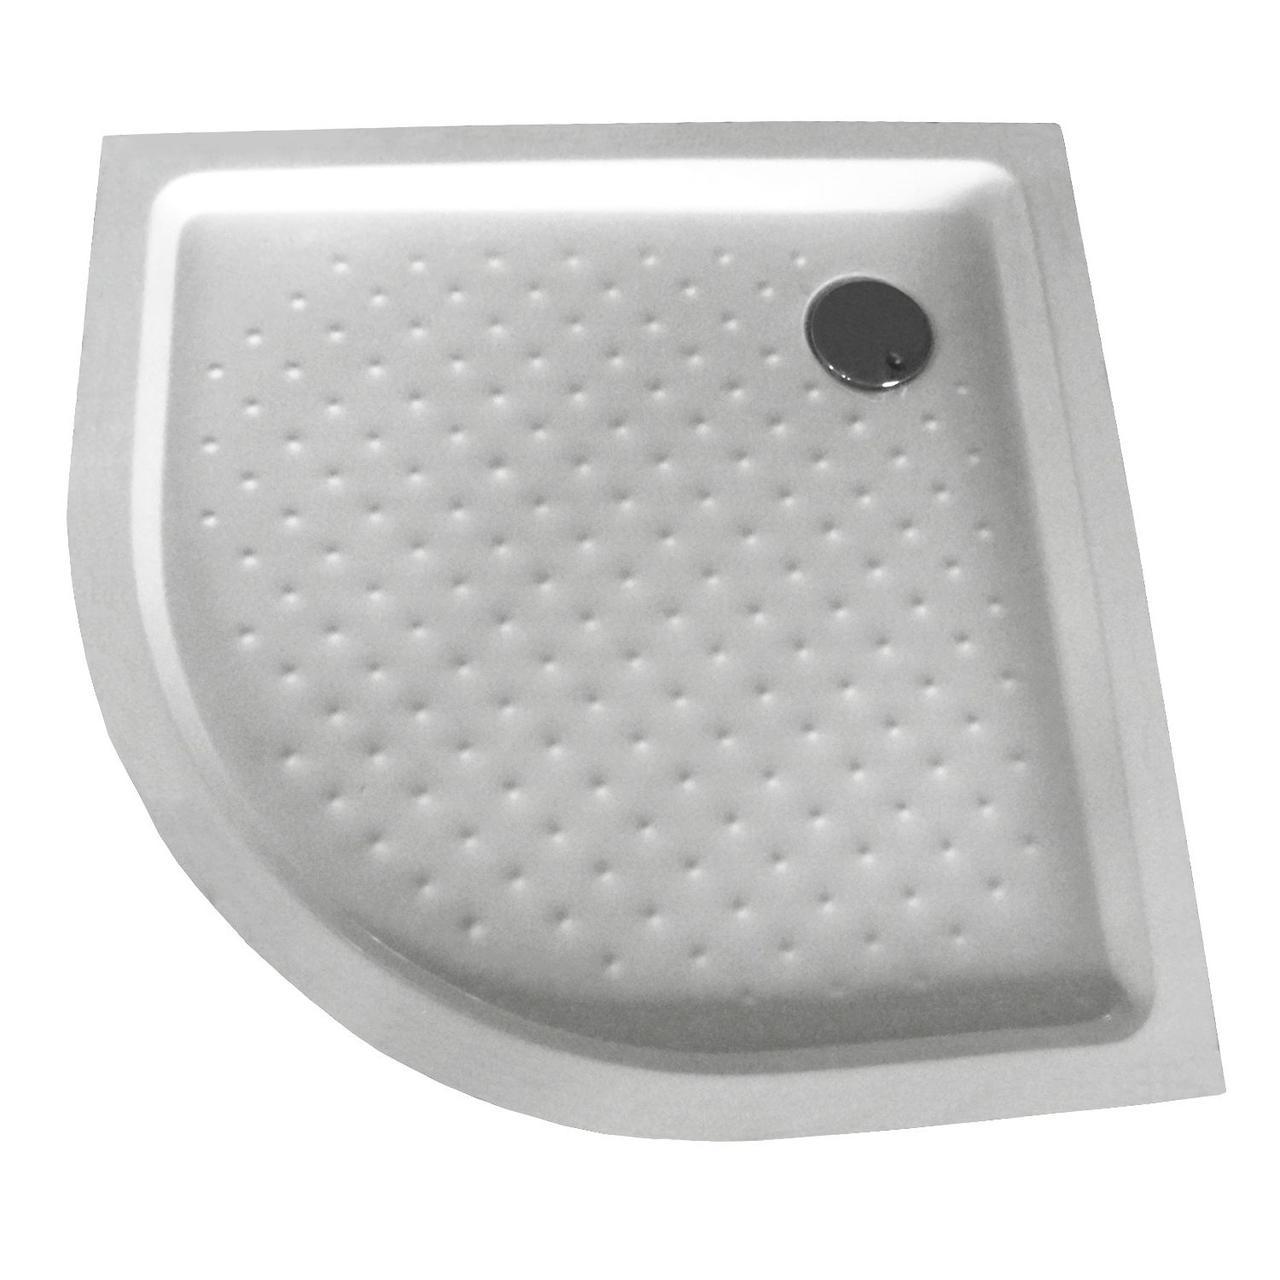 ORLANDO поддон 90*90*15см, в комплекте с сифоном и формованной панелью